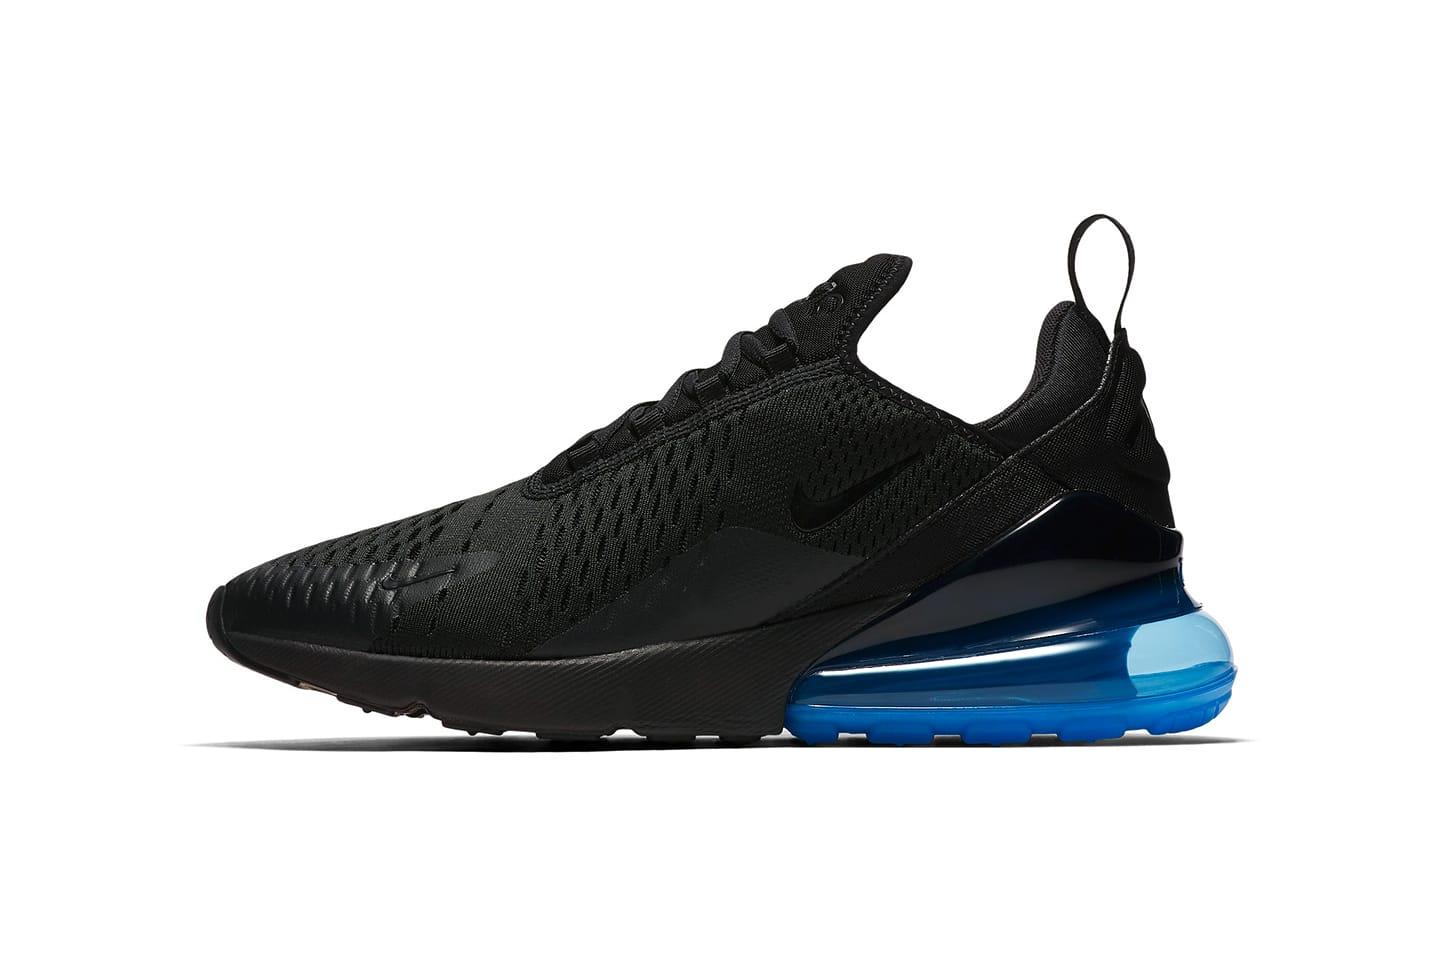 Nike Air Max 270 in Black/Photo Blue